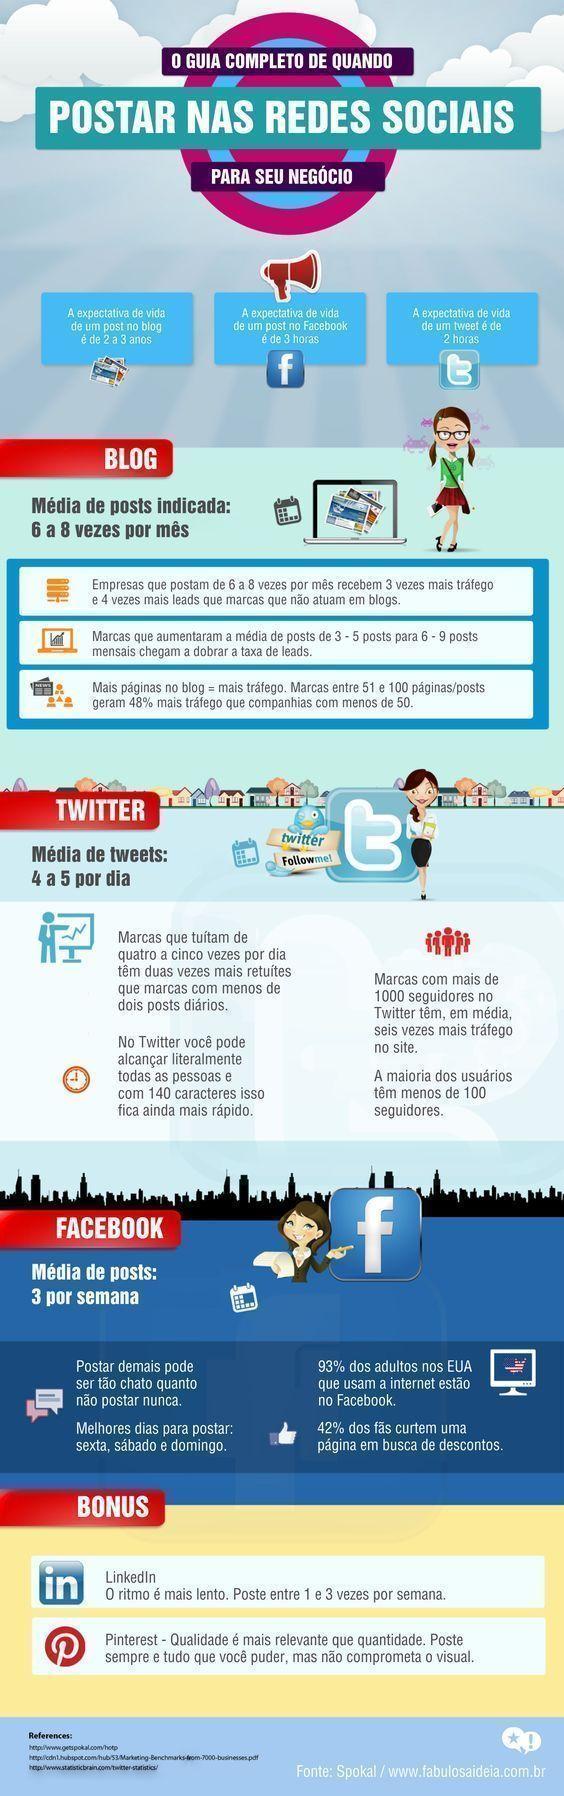 horario postar redes sociais